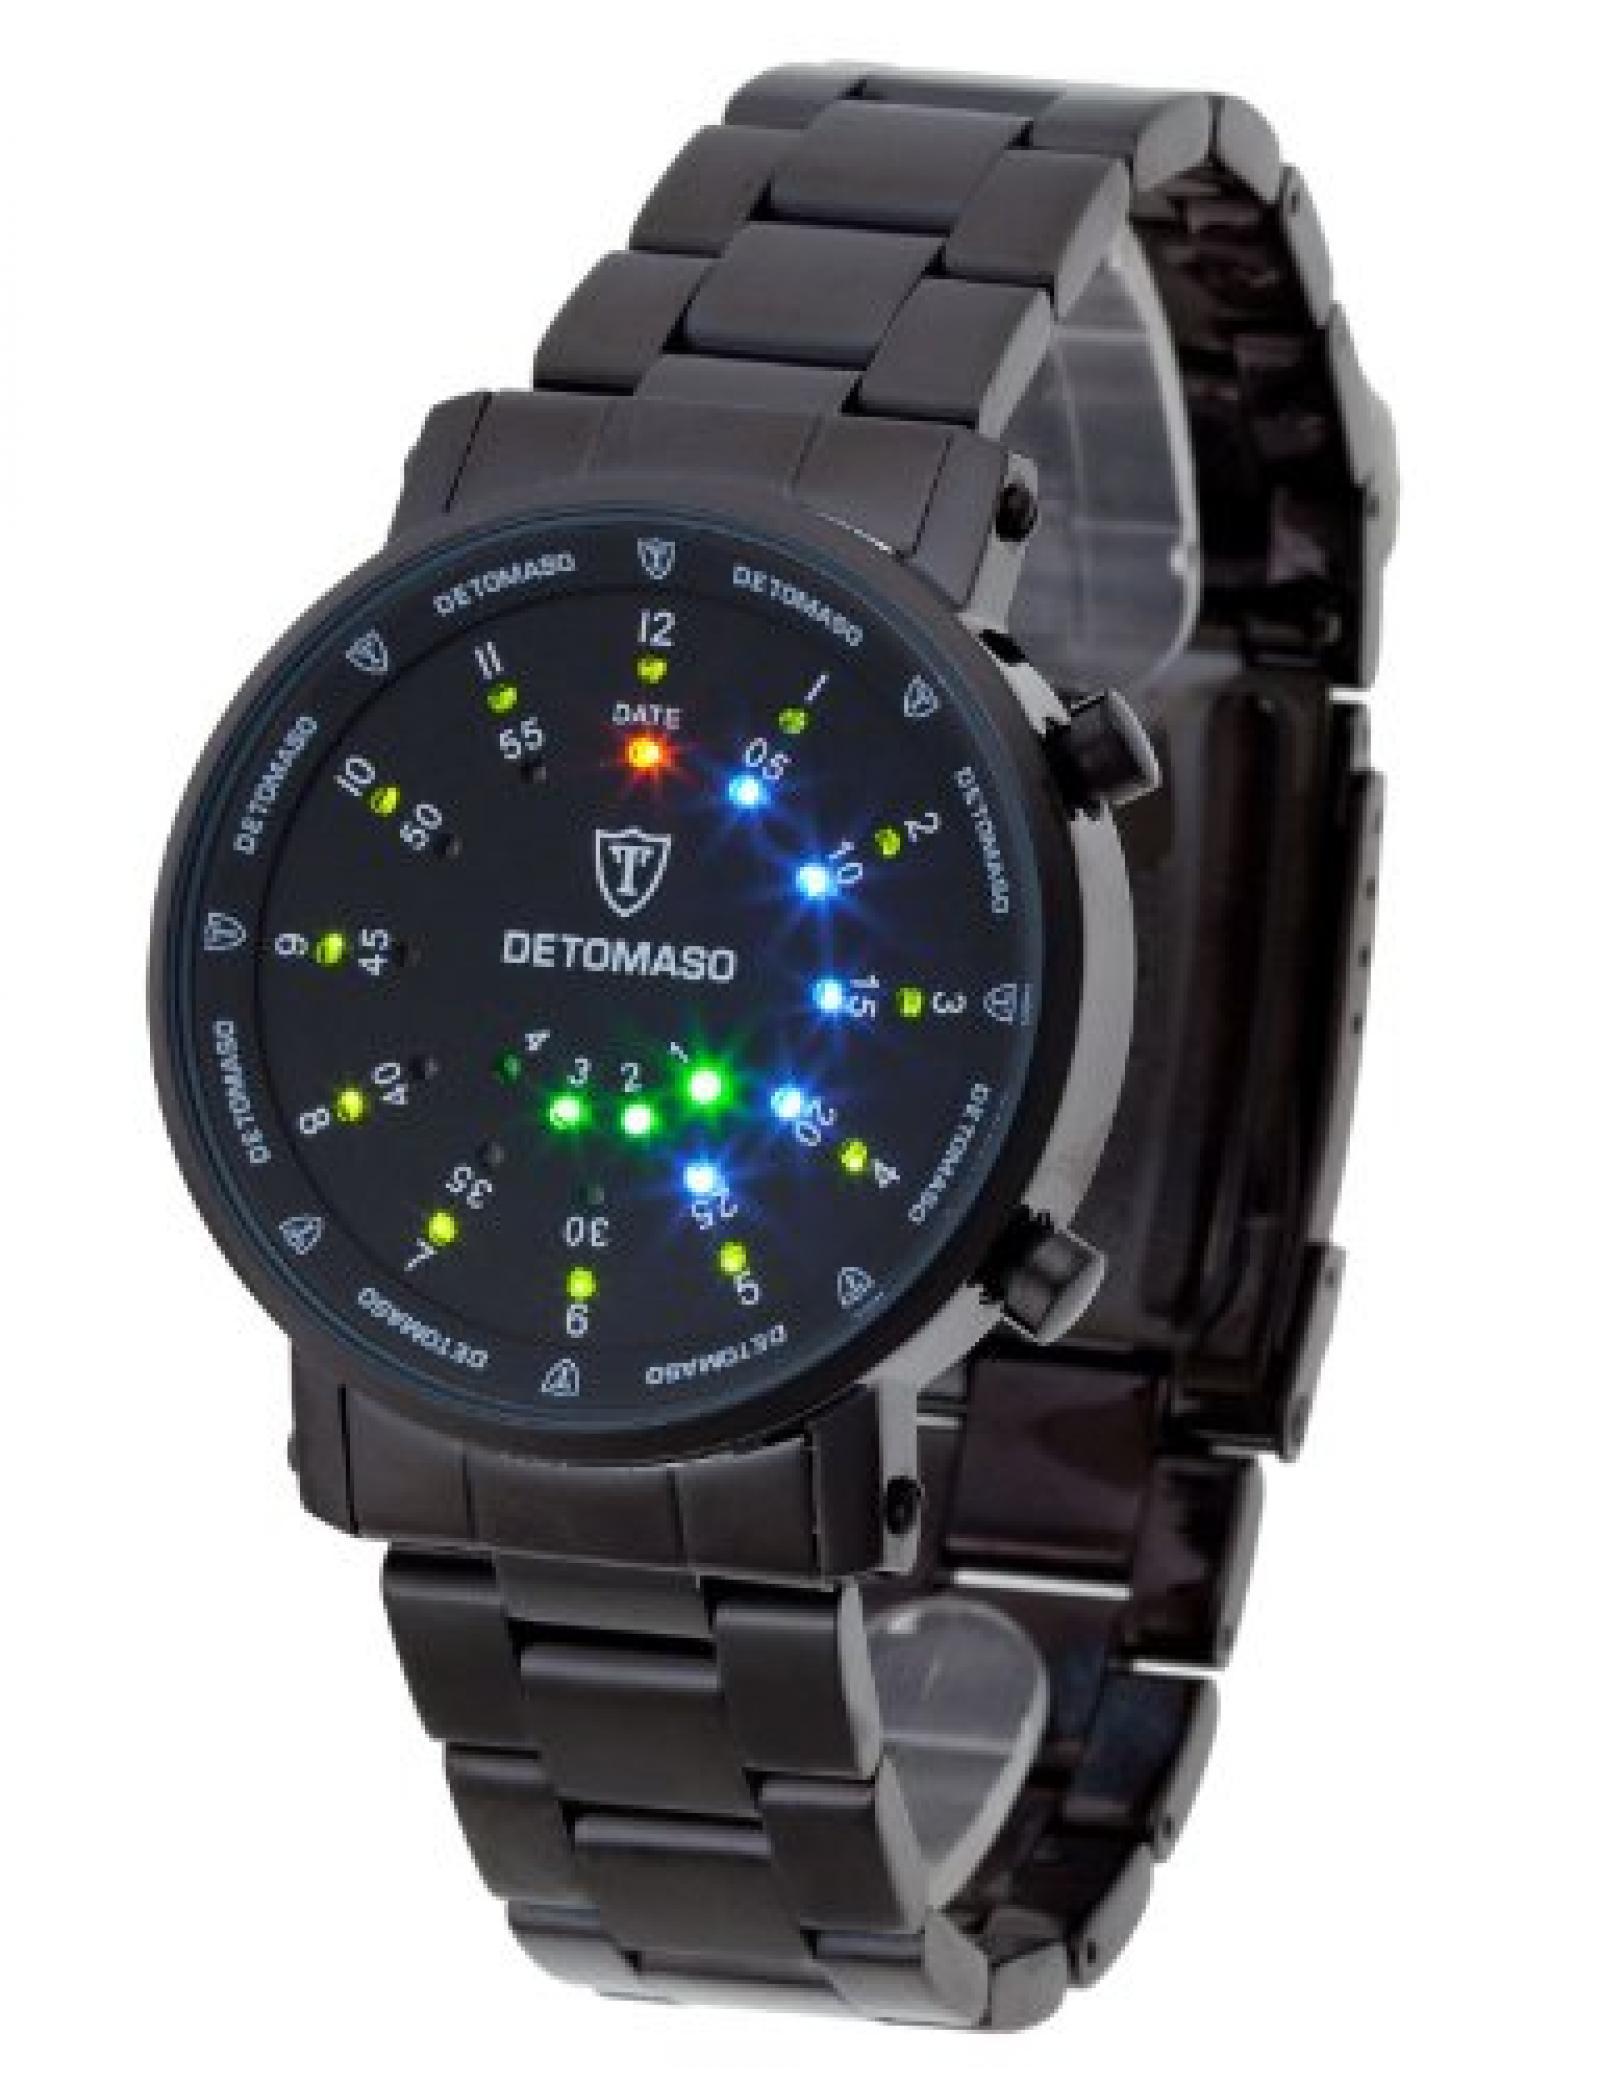 DeTomaso Trend Herren-Armbanduhr XL Spacy Timeline Rund Schwarz Digital Edelstahl beschichtet G-30730B